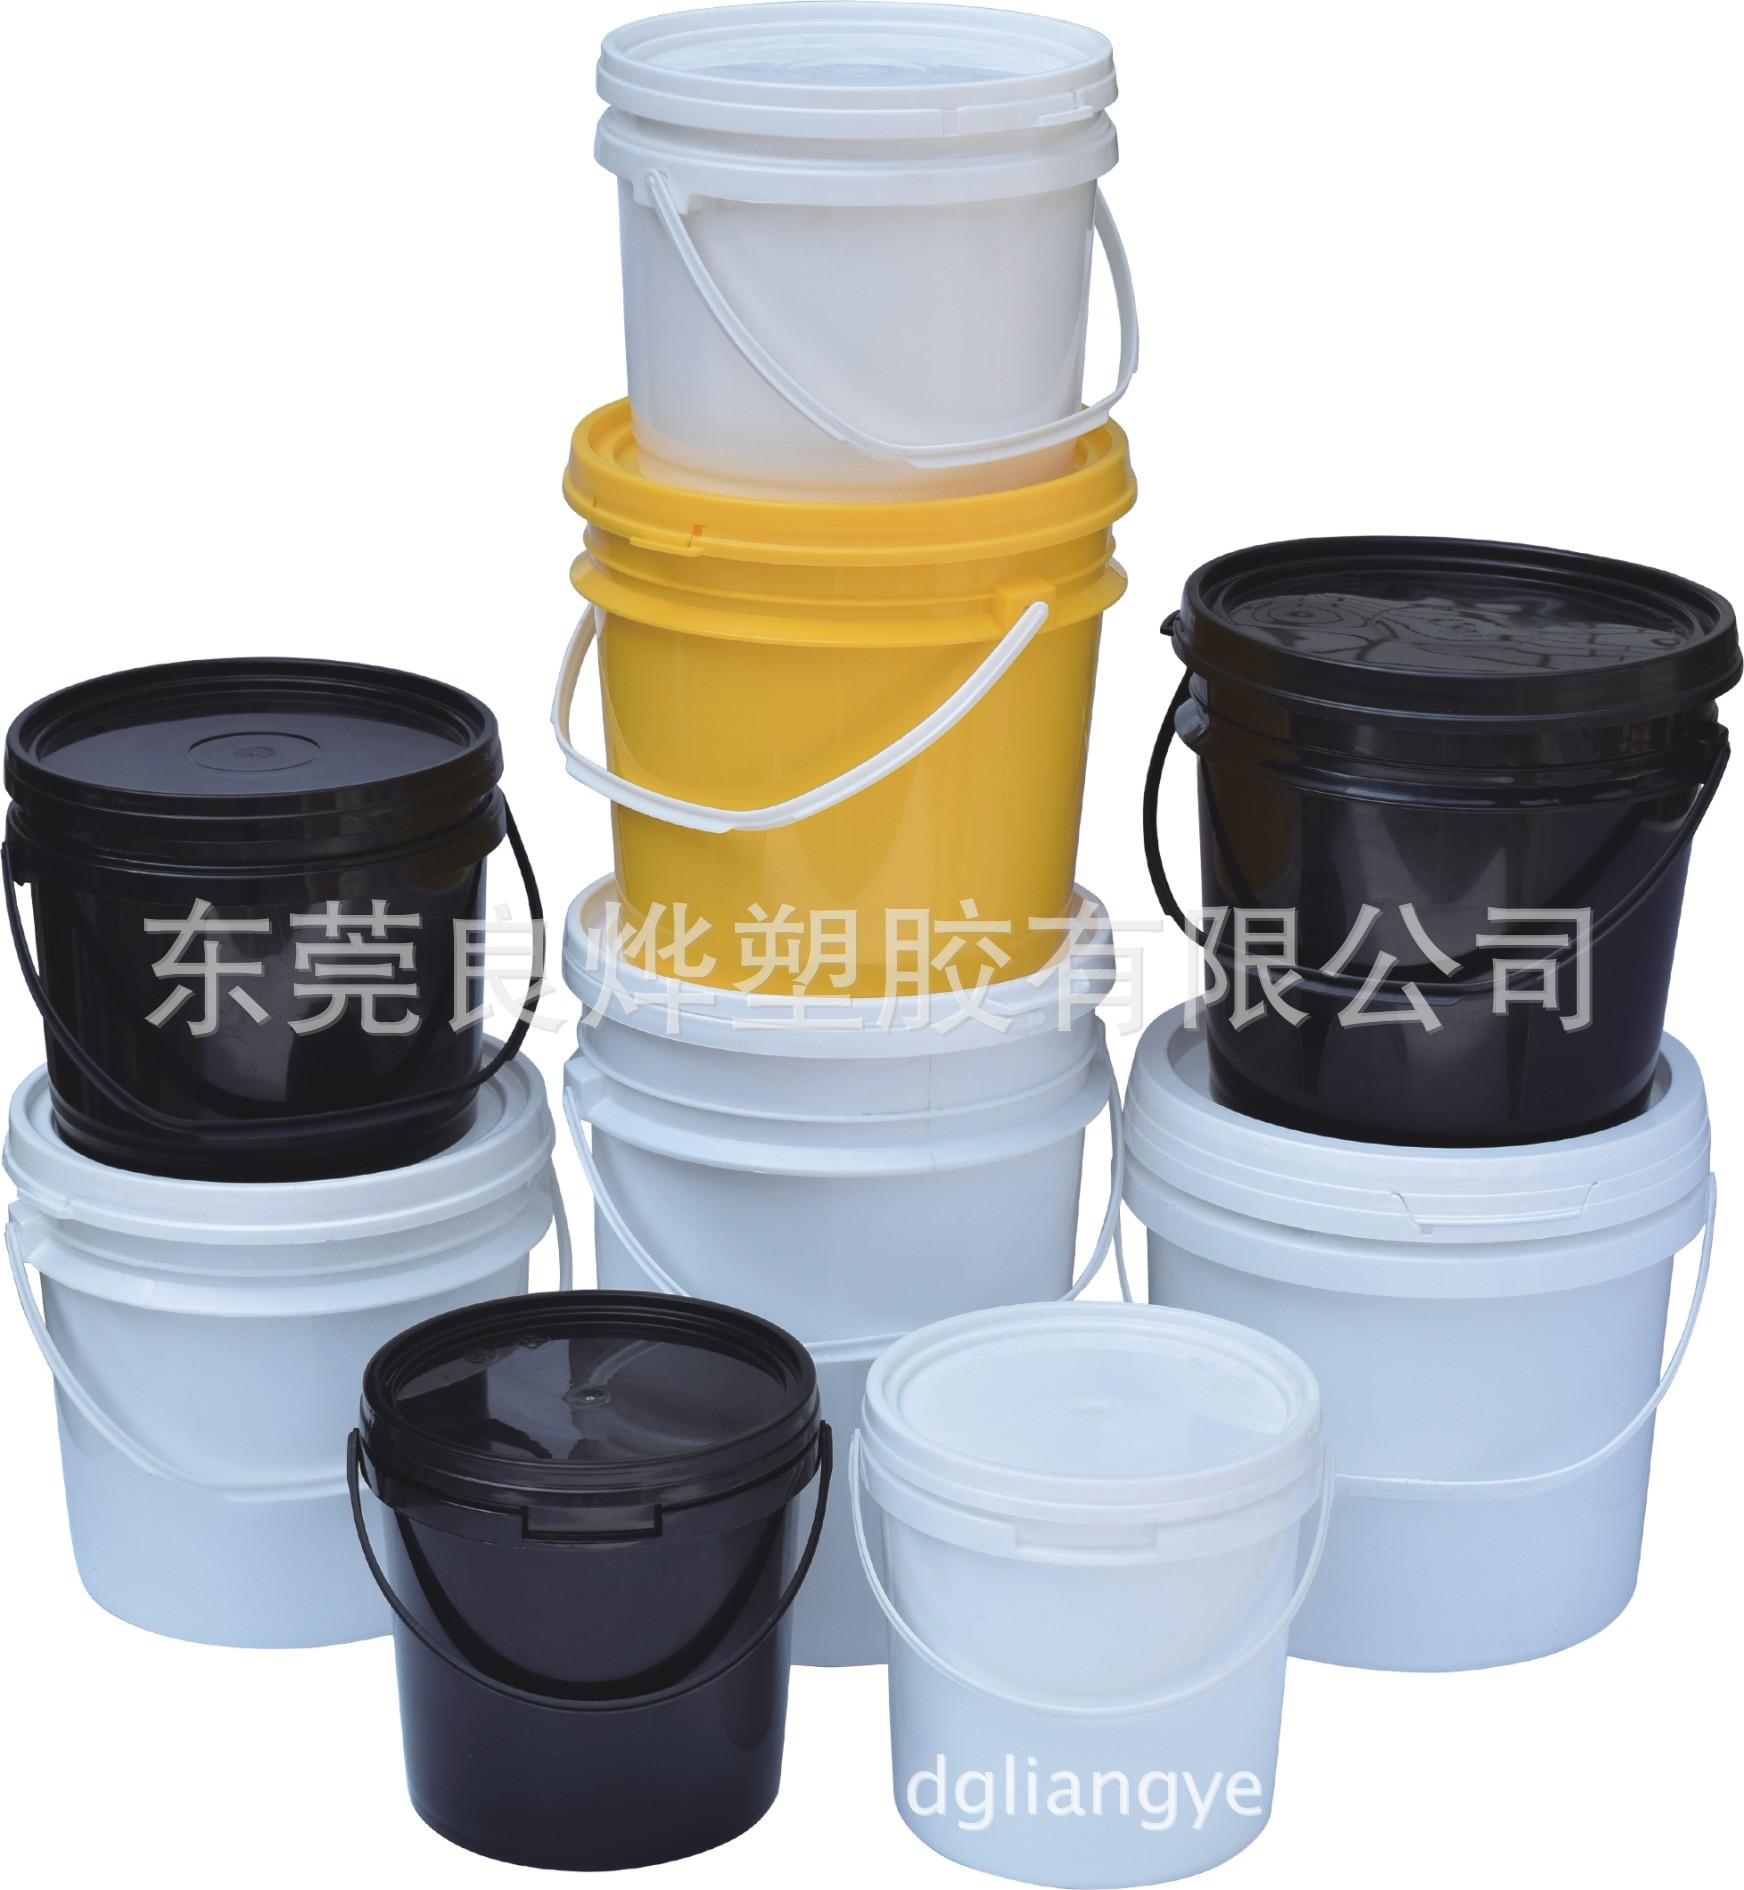 16L硅胶包装桶 耐用粘和剂 电子材料包装桶选择门道 供应硅胶包装桶